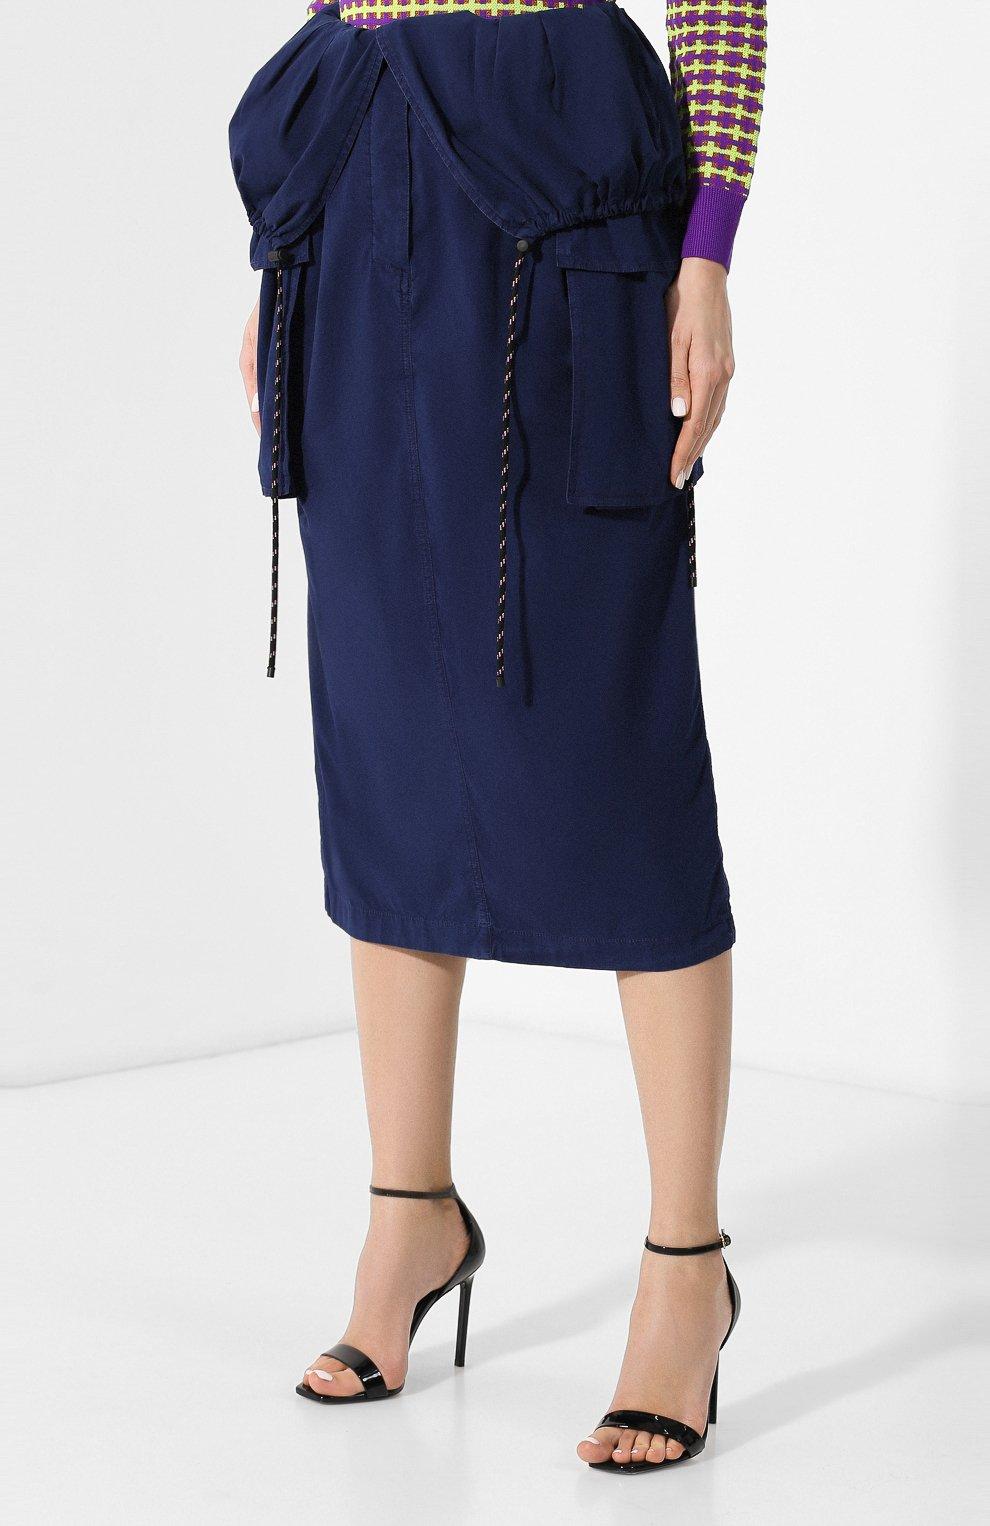 Женская хлопковая юбка DRIES VAN NOTEN синего цвета, арт. 191-10817-7287   Фото 3 (Материал внешний: Хлопок; Длина Ж (юбки, платья, шорты): Миди; Статус проверки: Проверено)